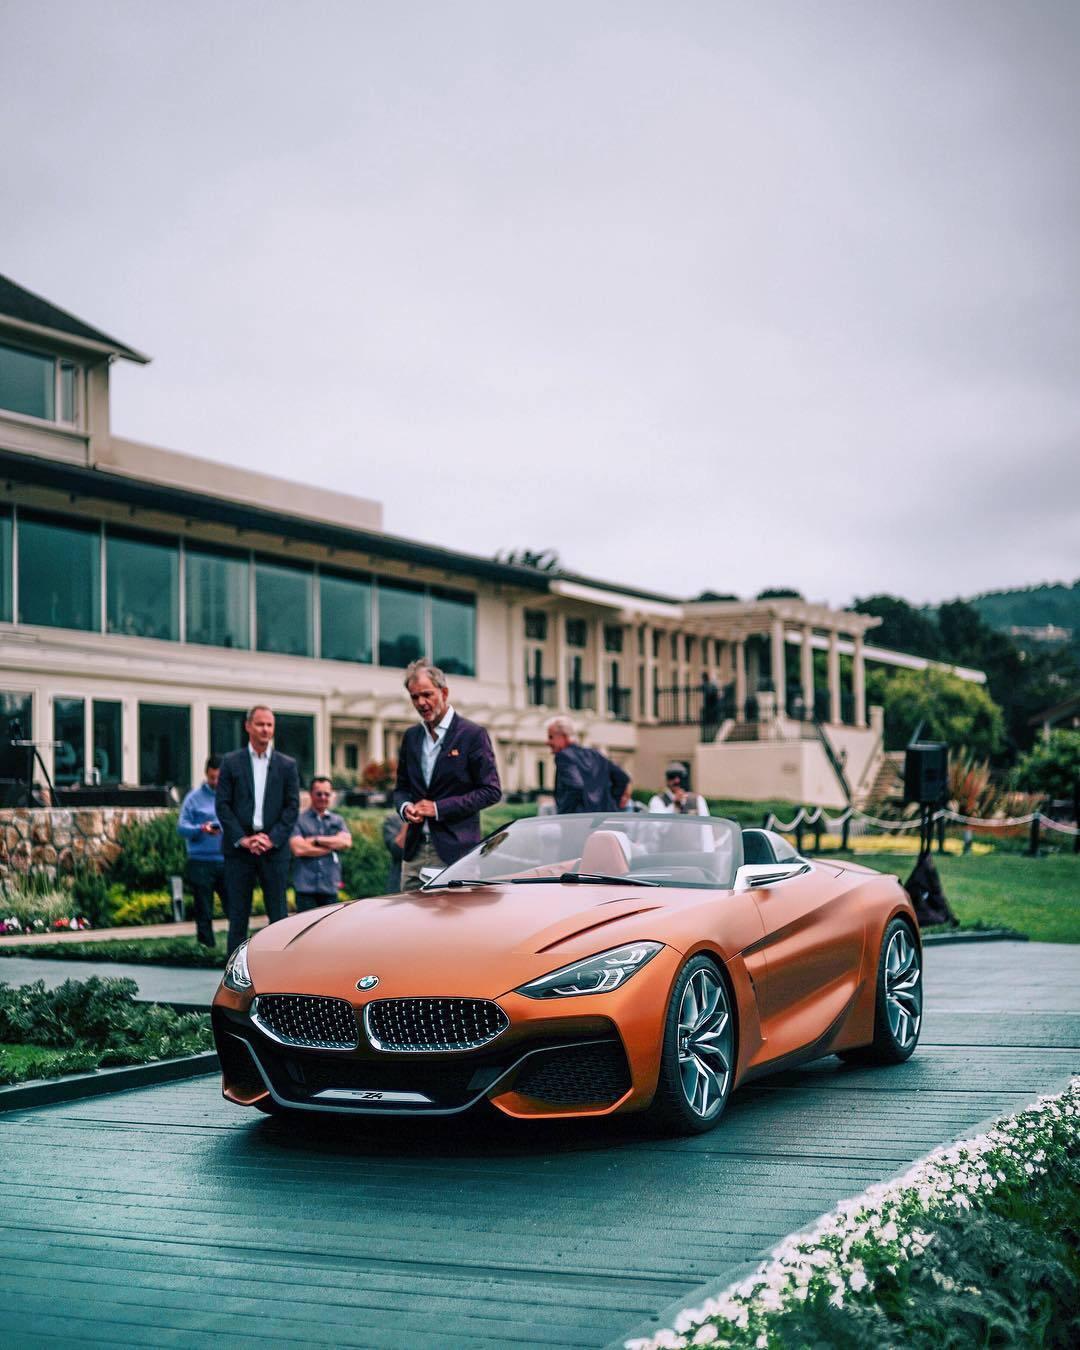 Bmw Z4 Old: BMW Z4 G29 [2018